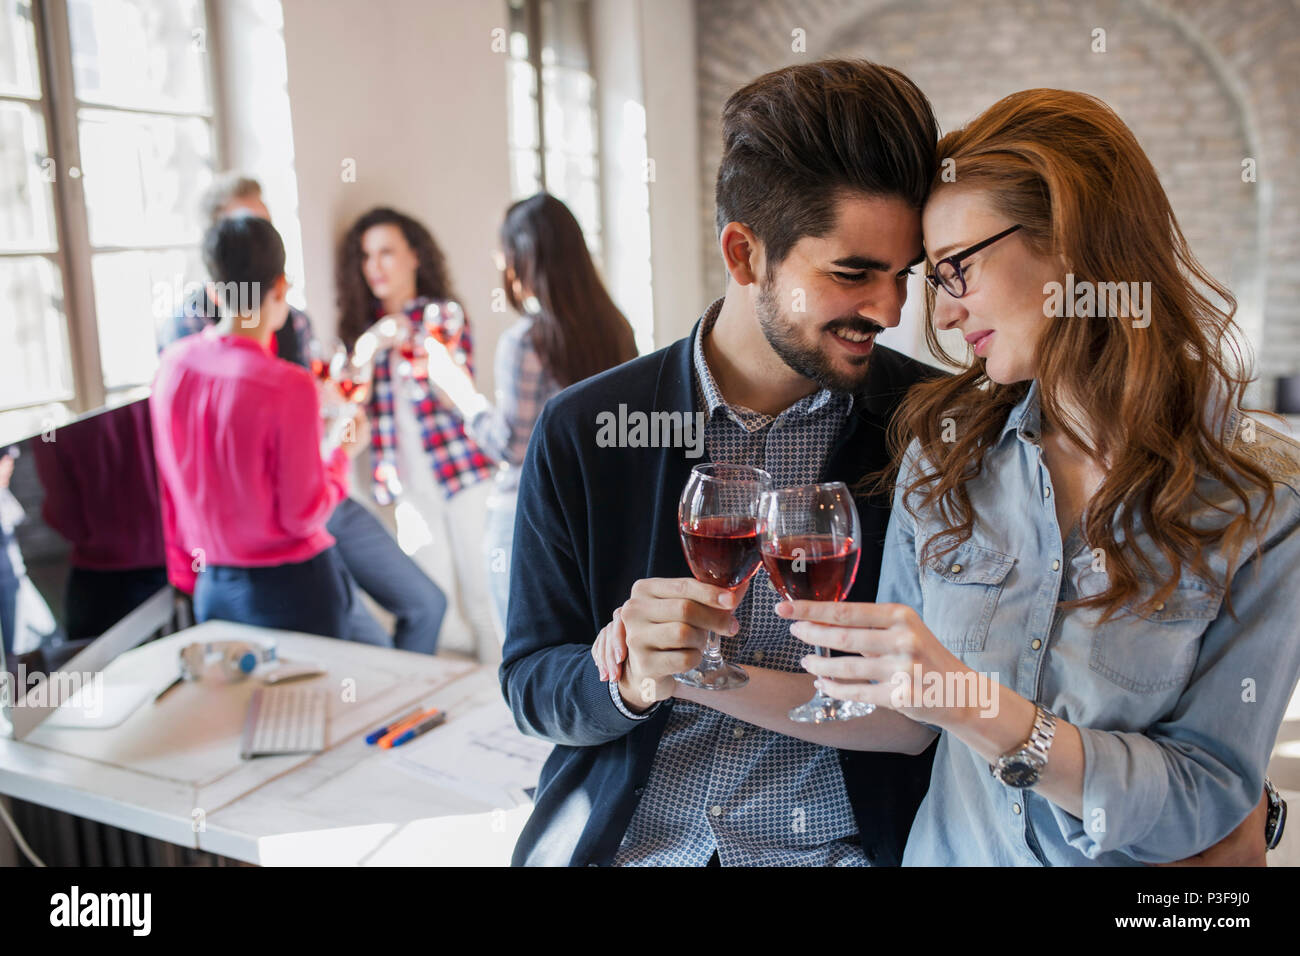 Felice giovani architetti avente pausa e bere il vino Immagini Stock